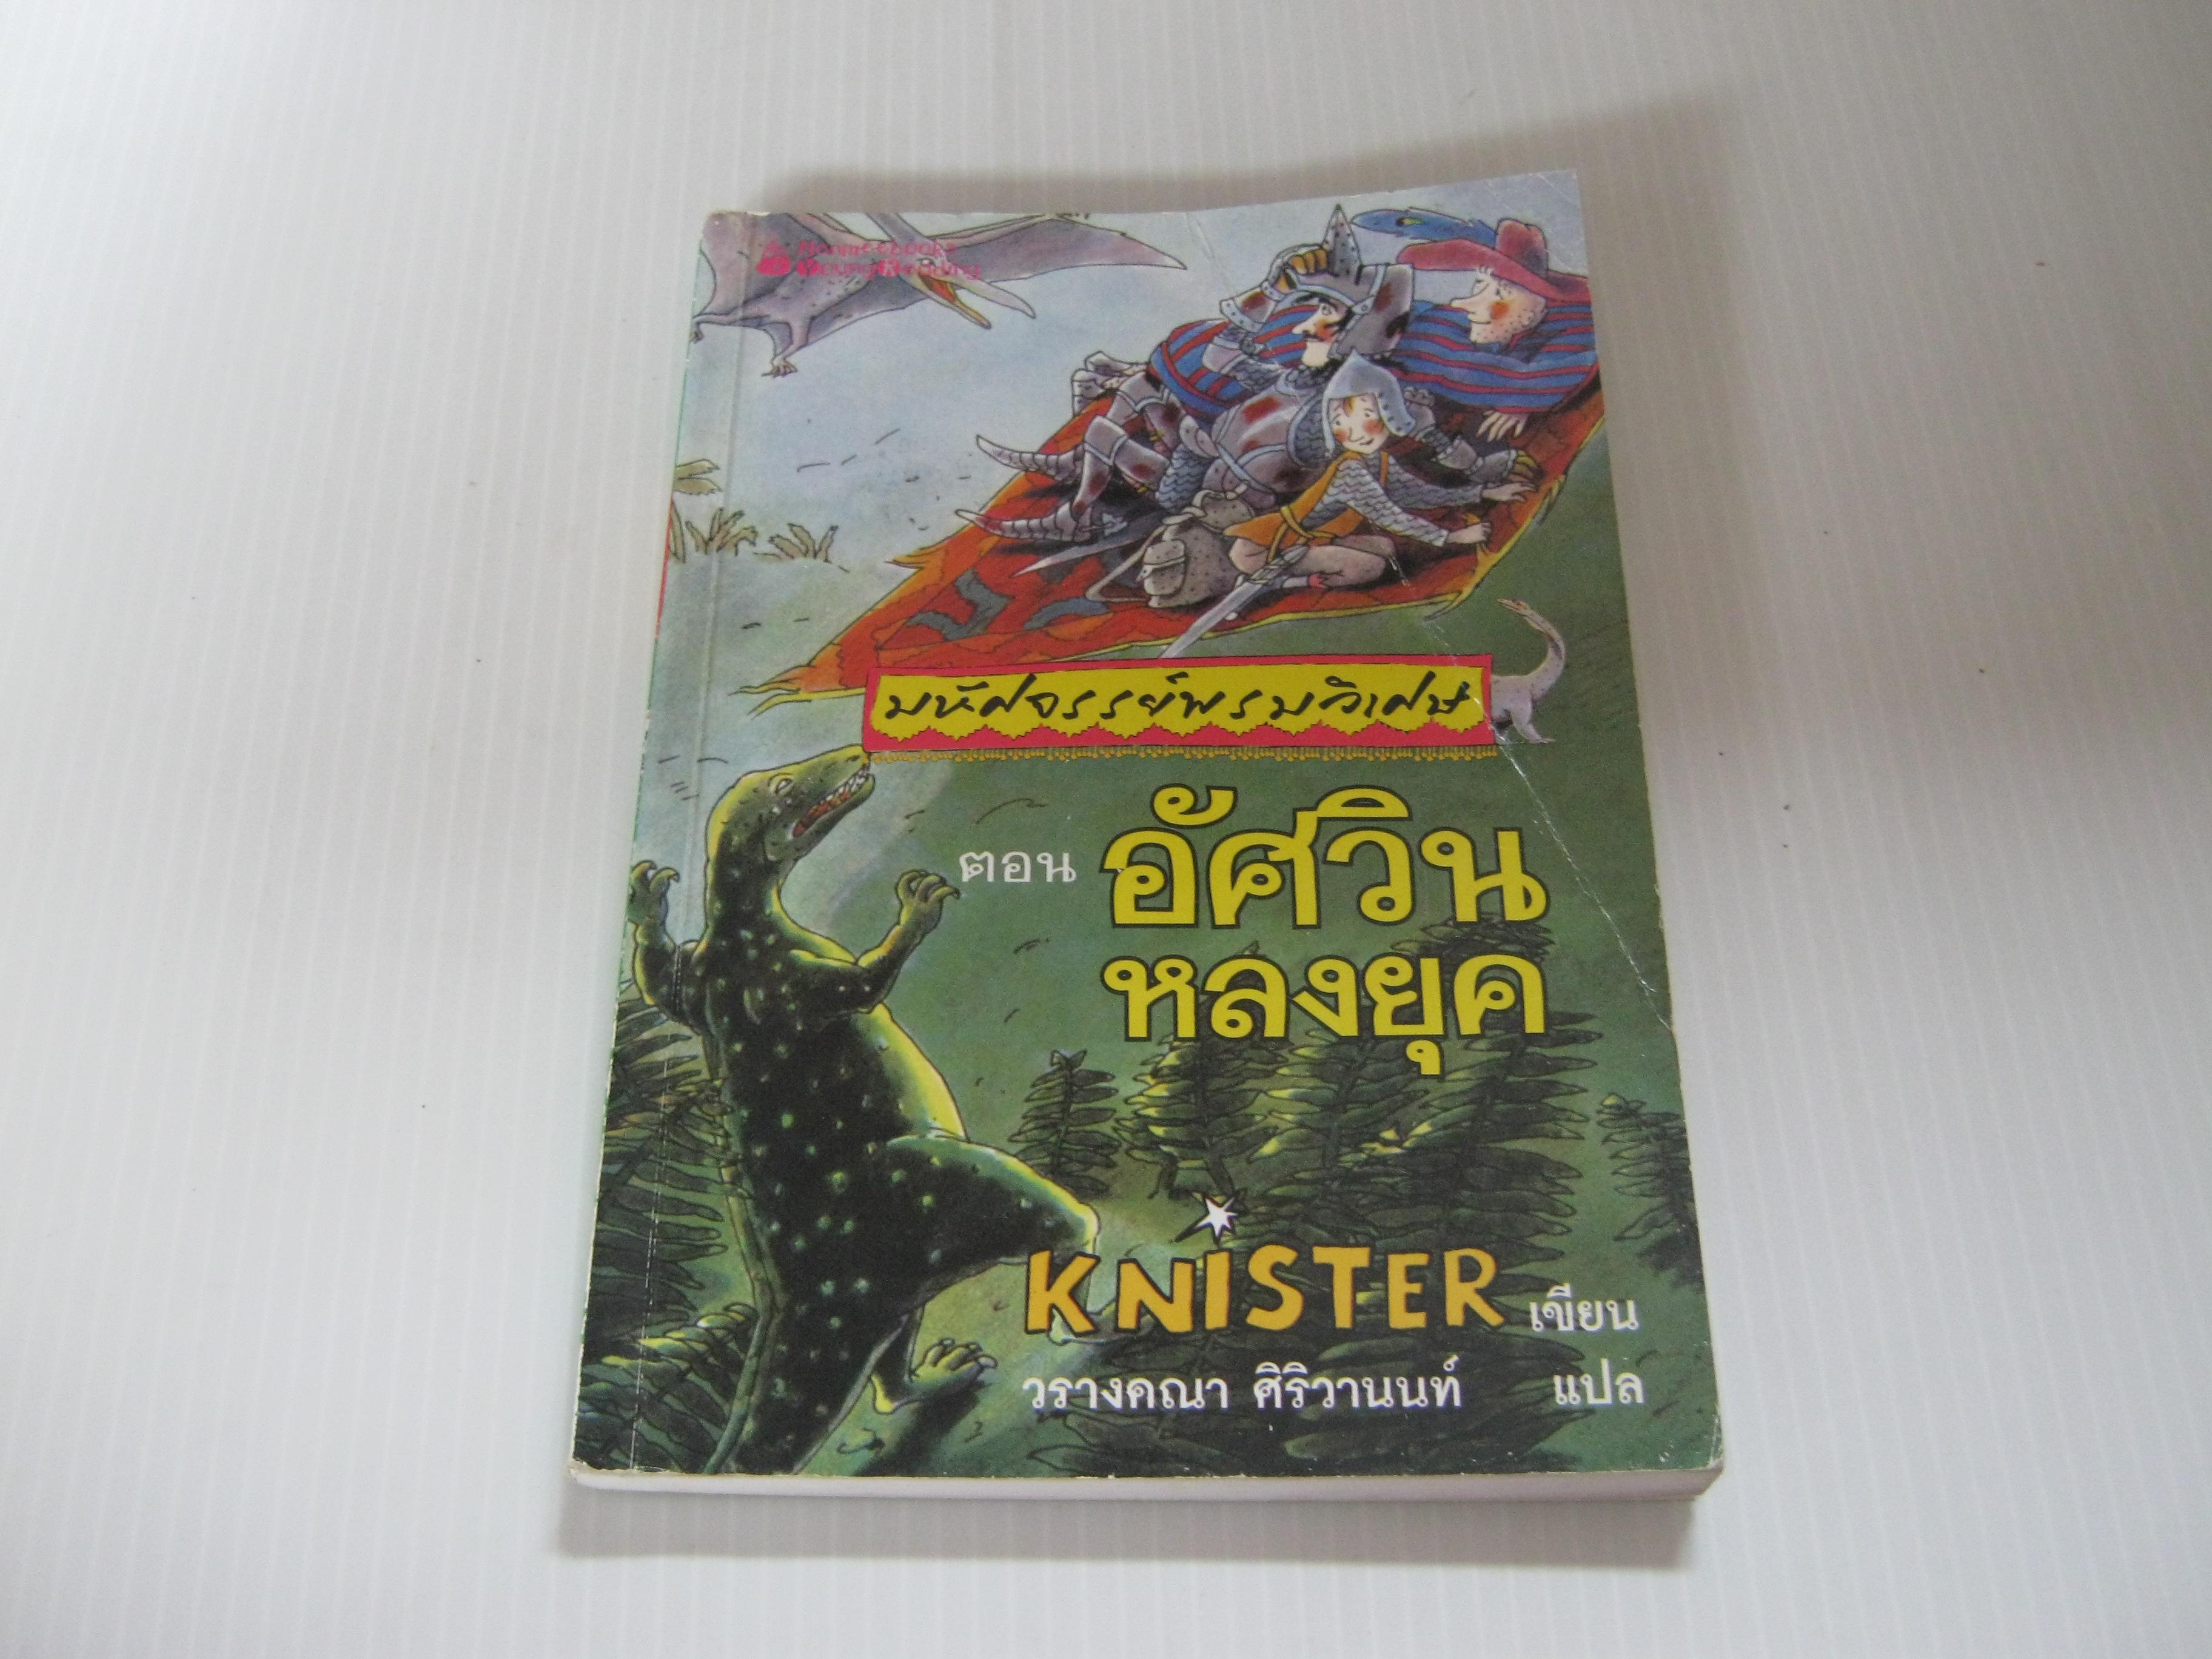 มหัศจรรย์พรมวิเศษ ตอน อัศวินหลงยุค Knister เขียน วรางคณา ศิริวานนท์ แปล